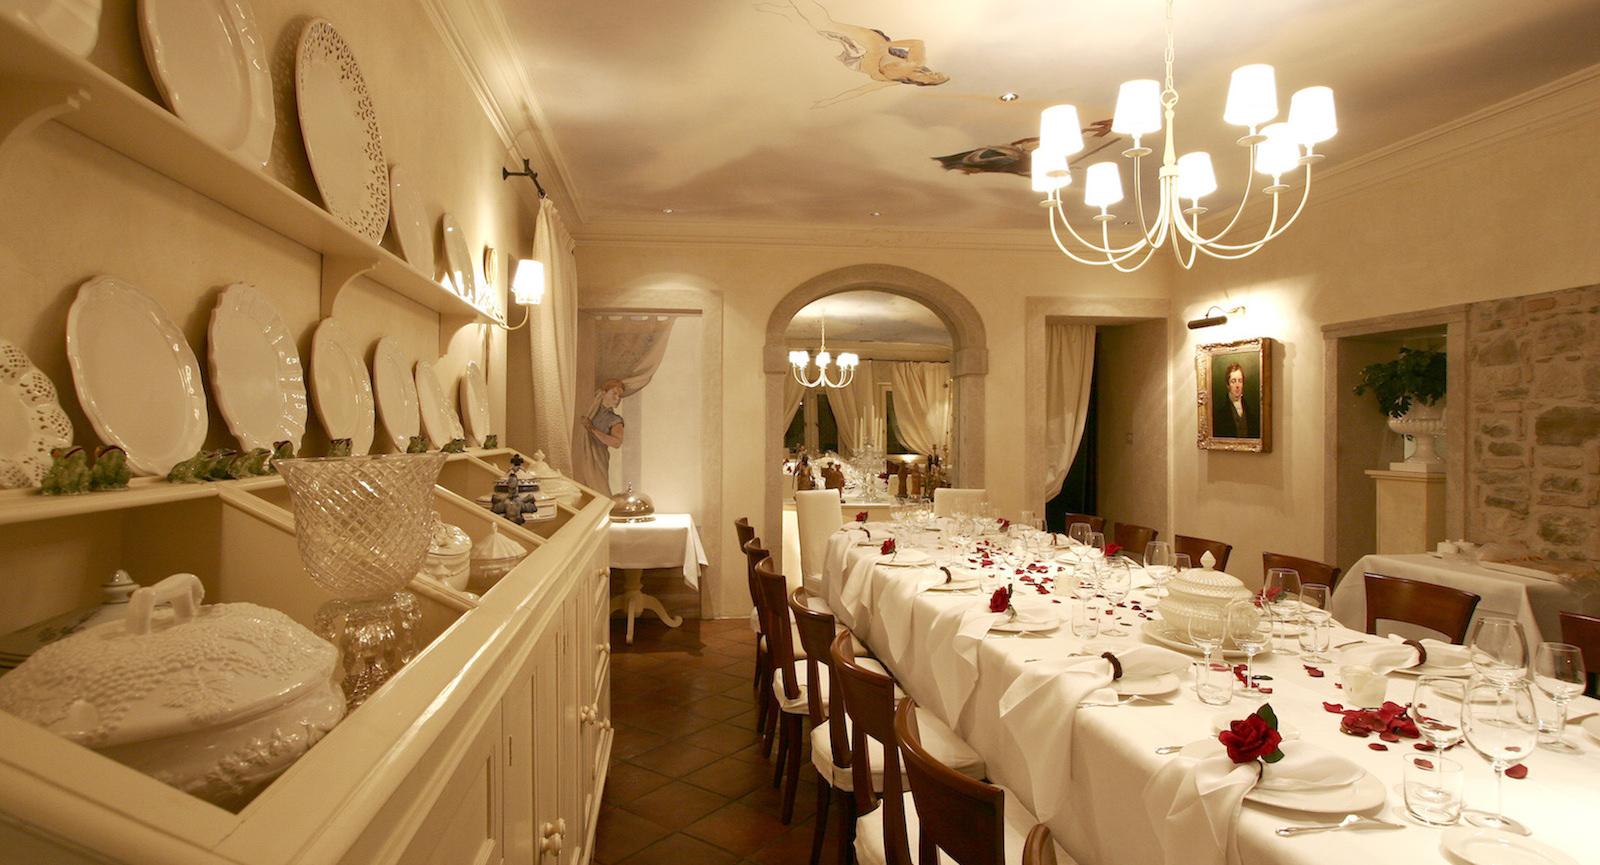 Hotel Abbazia Follina, Veneto Sala de te, bistro La Cantinetta, La Corte